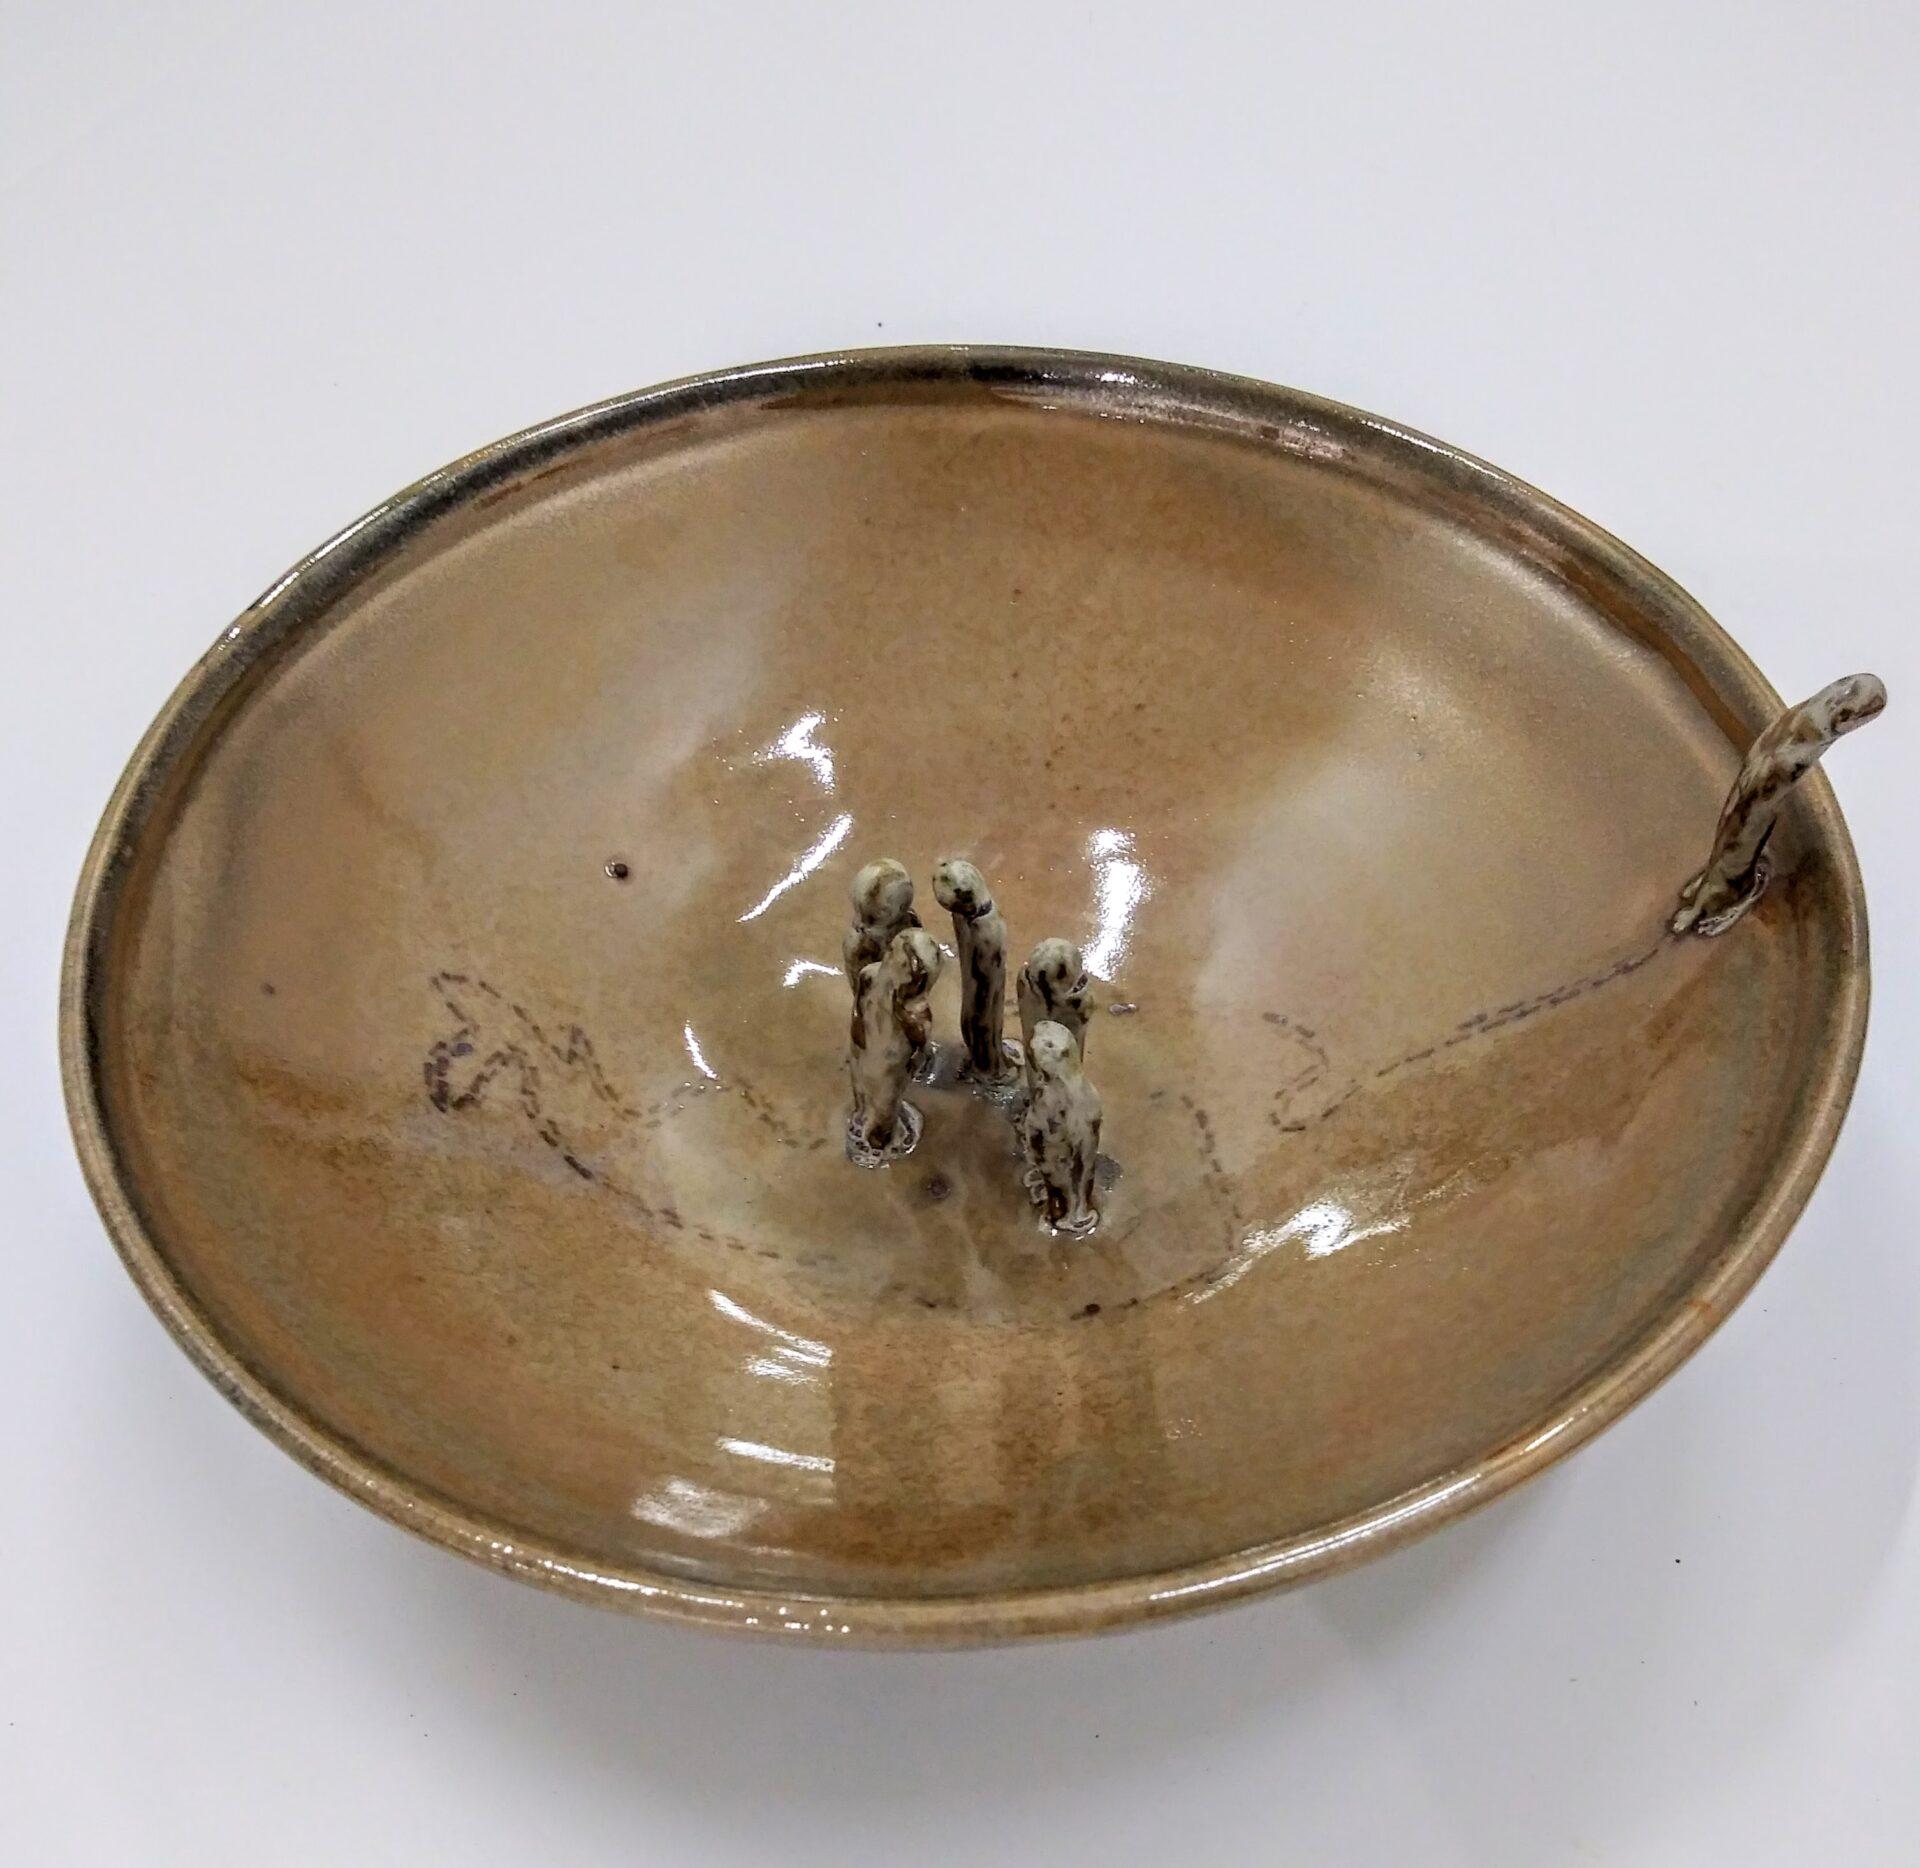 Ceramic art sculpture of a copper colored bowl